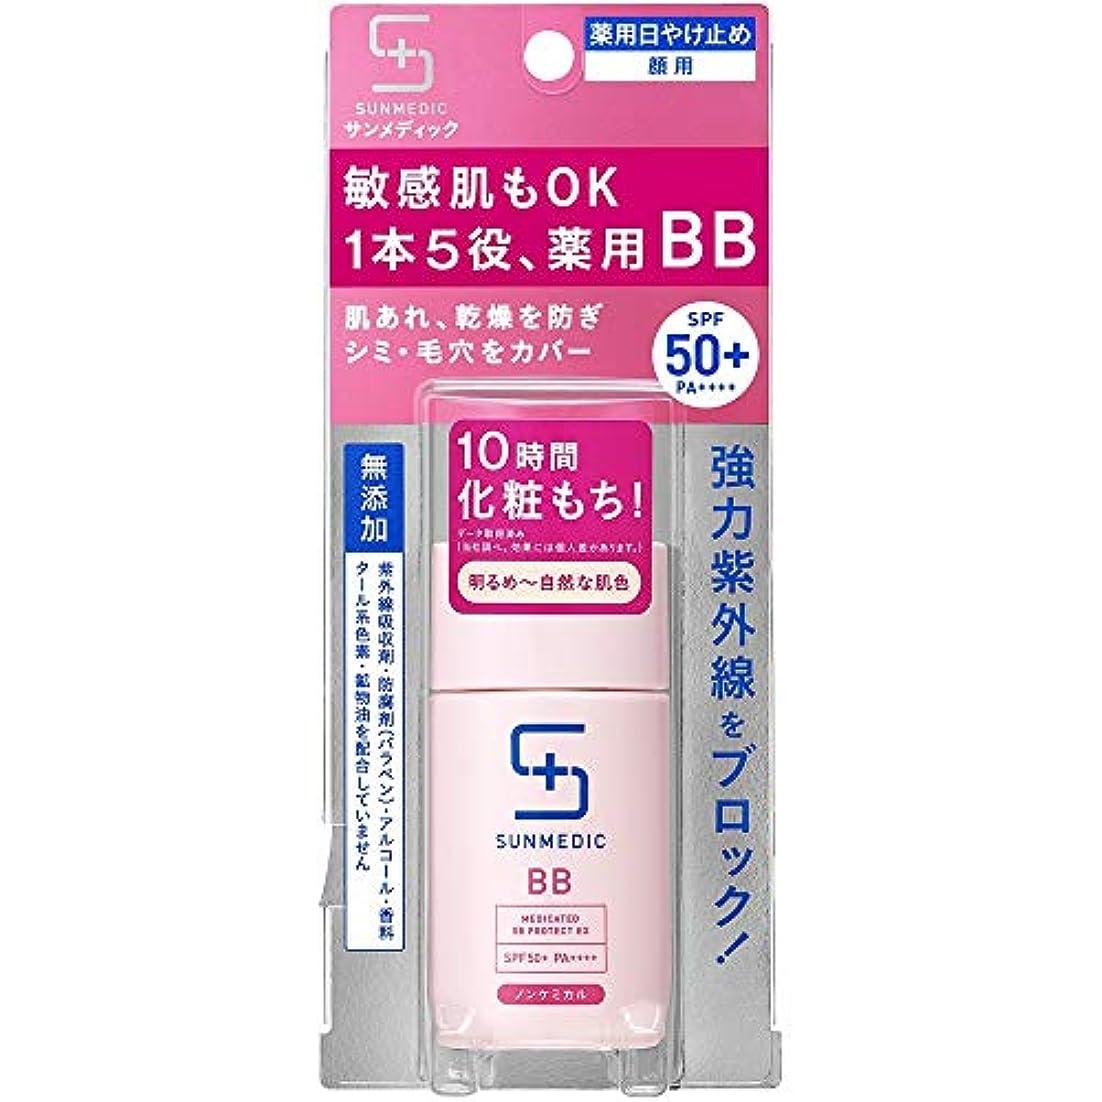 商品作業クリケットサンメディックUV 薬用BBプロテクトEX ライト 30ml (医薬部外品)